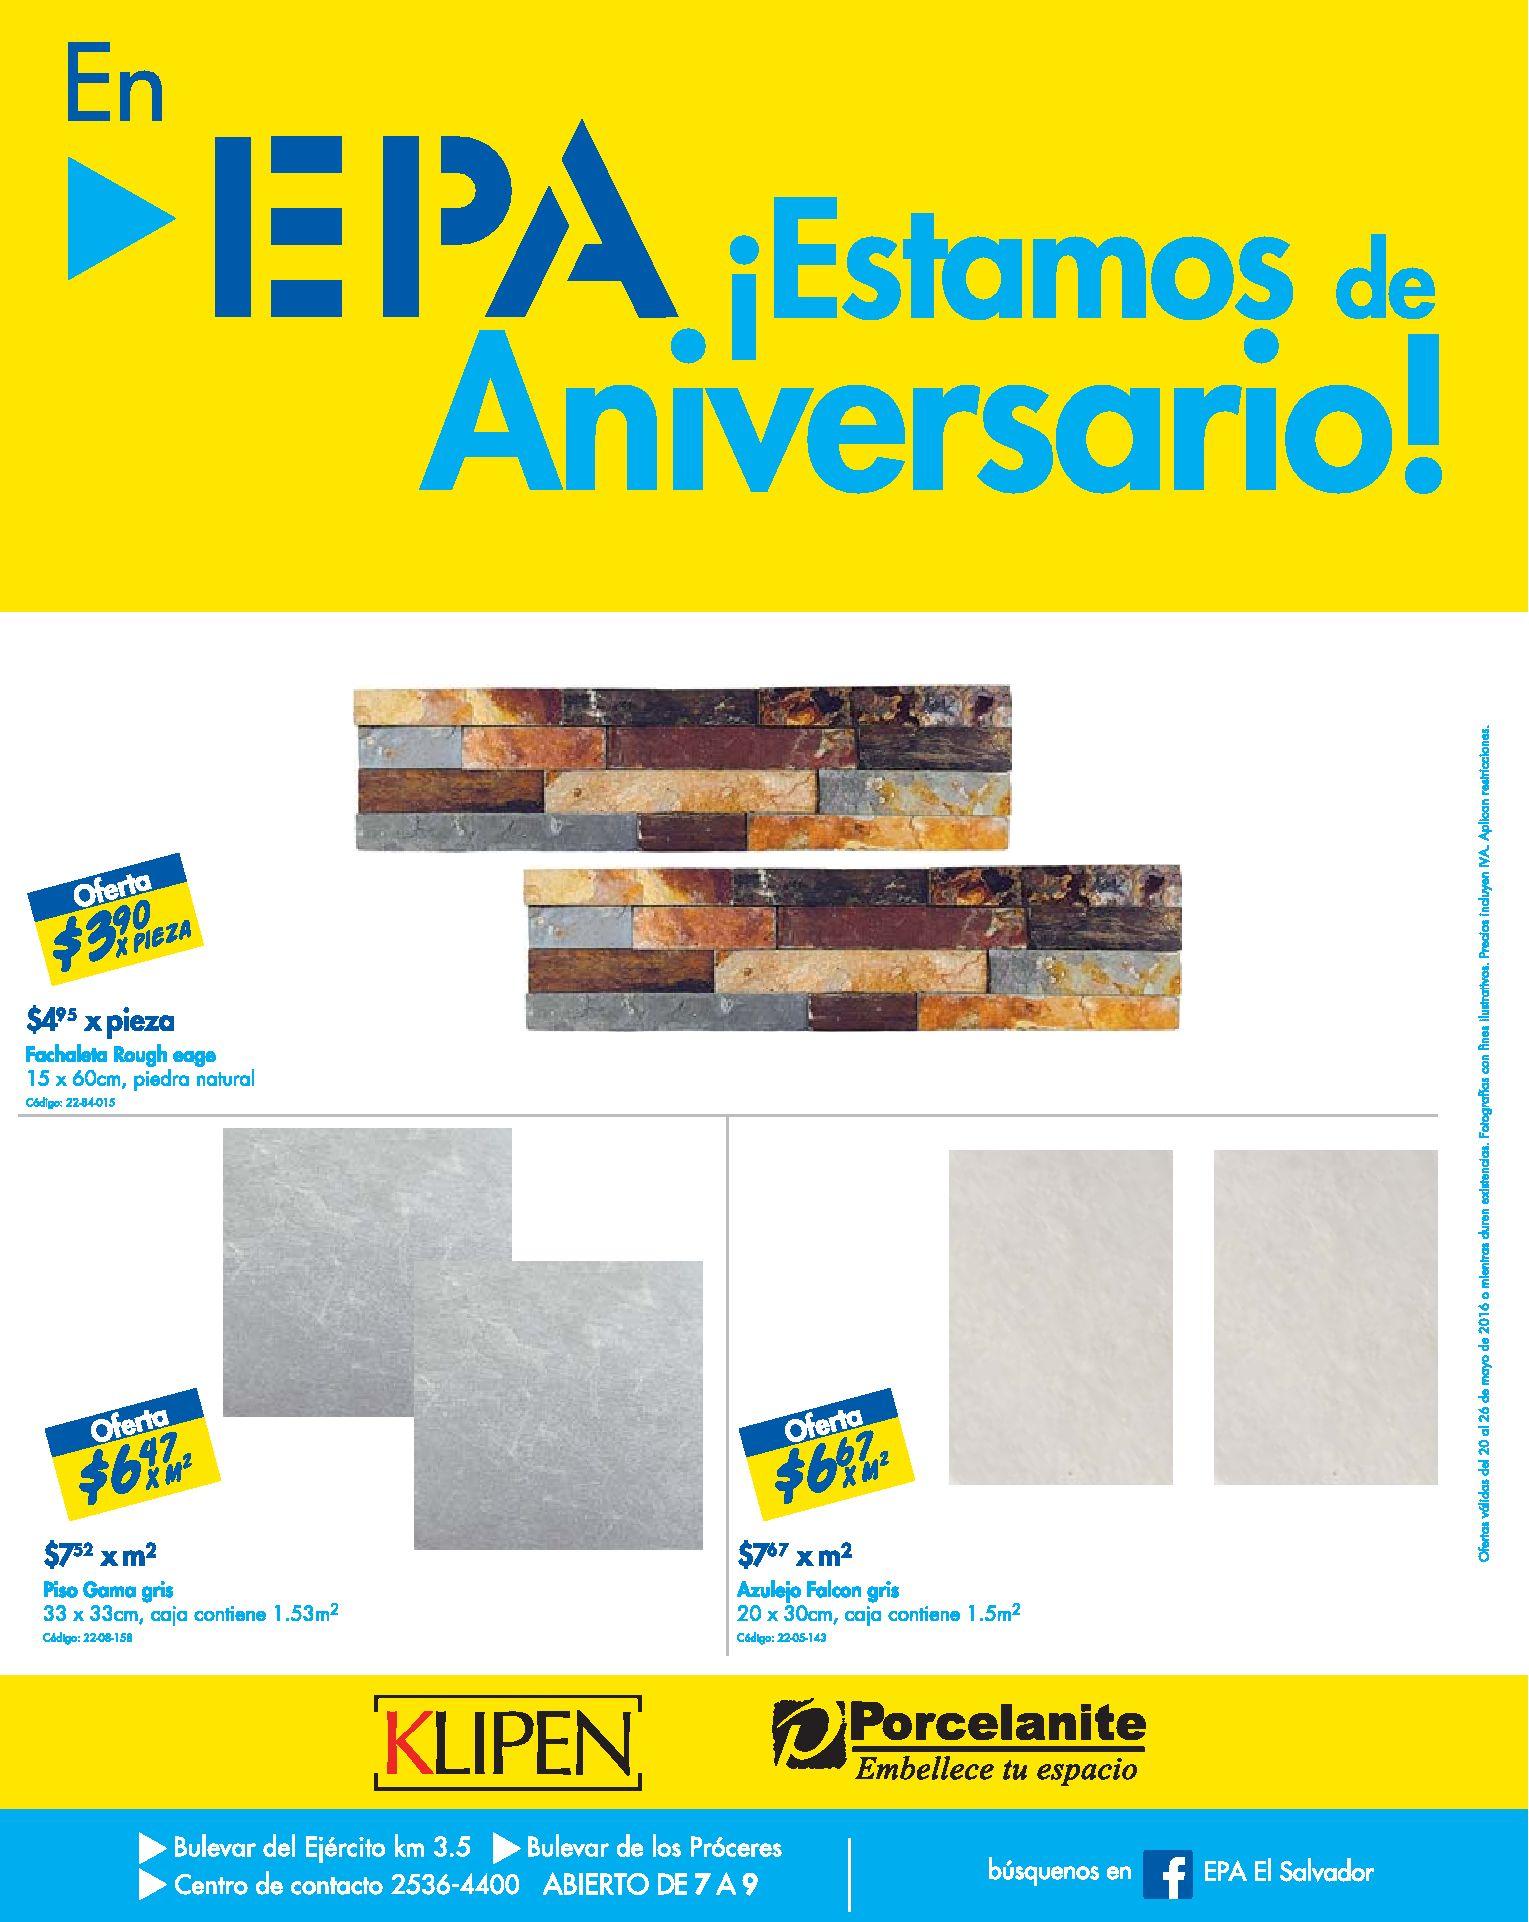 Ofertas para comprar tu nuevo piso ceramico azulejos o for Pisos ceramicos en oferta